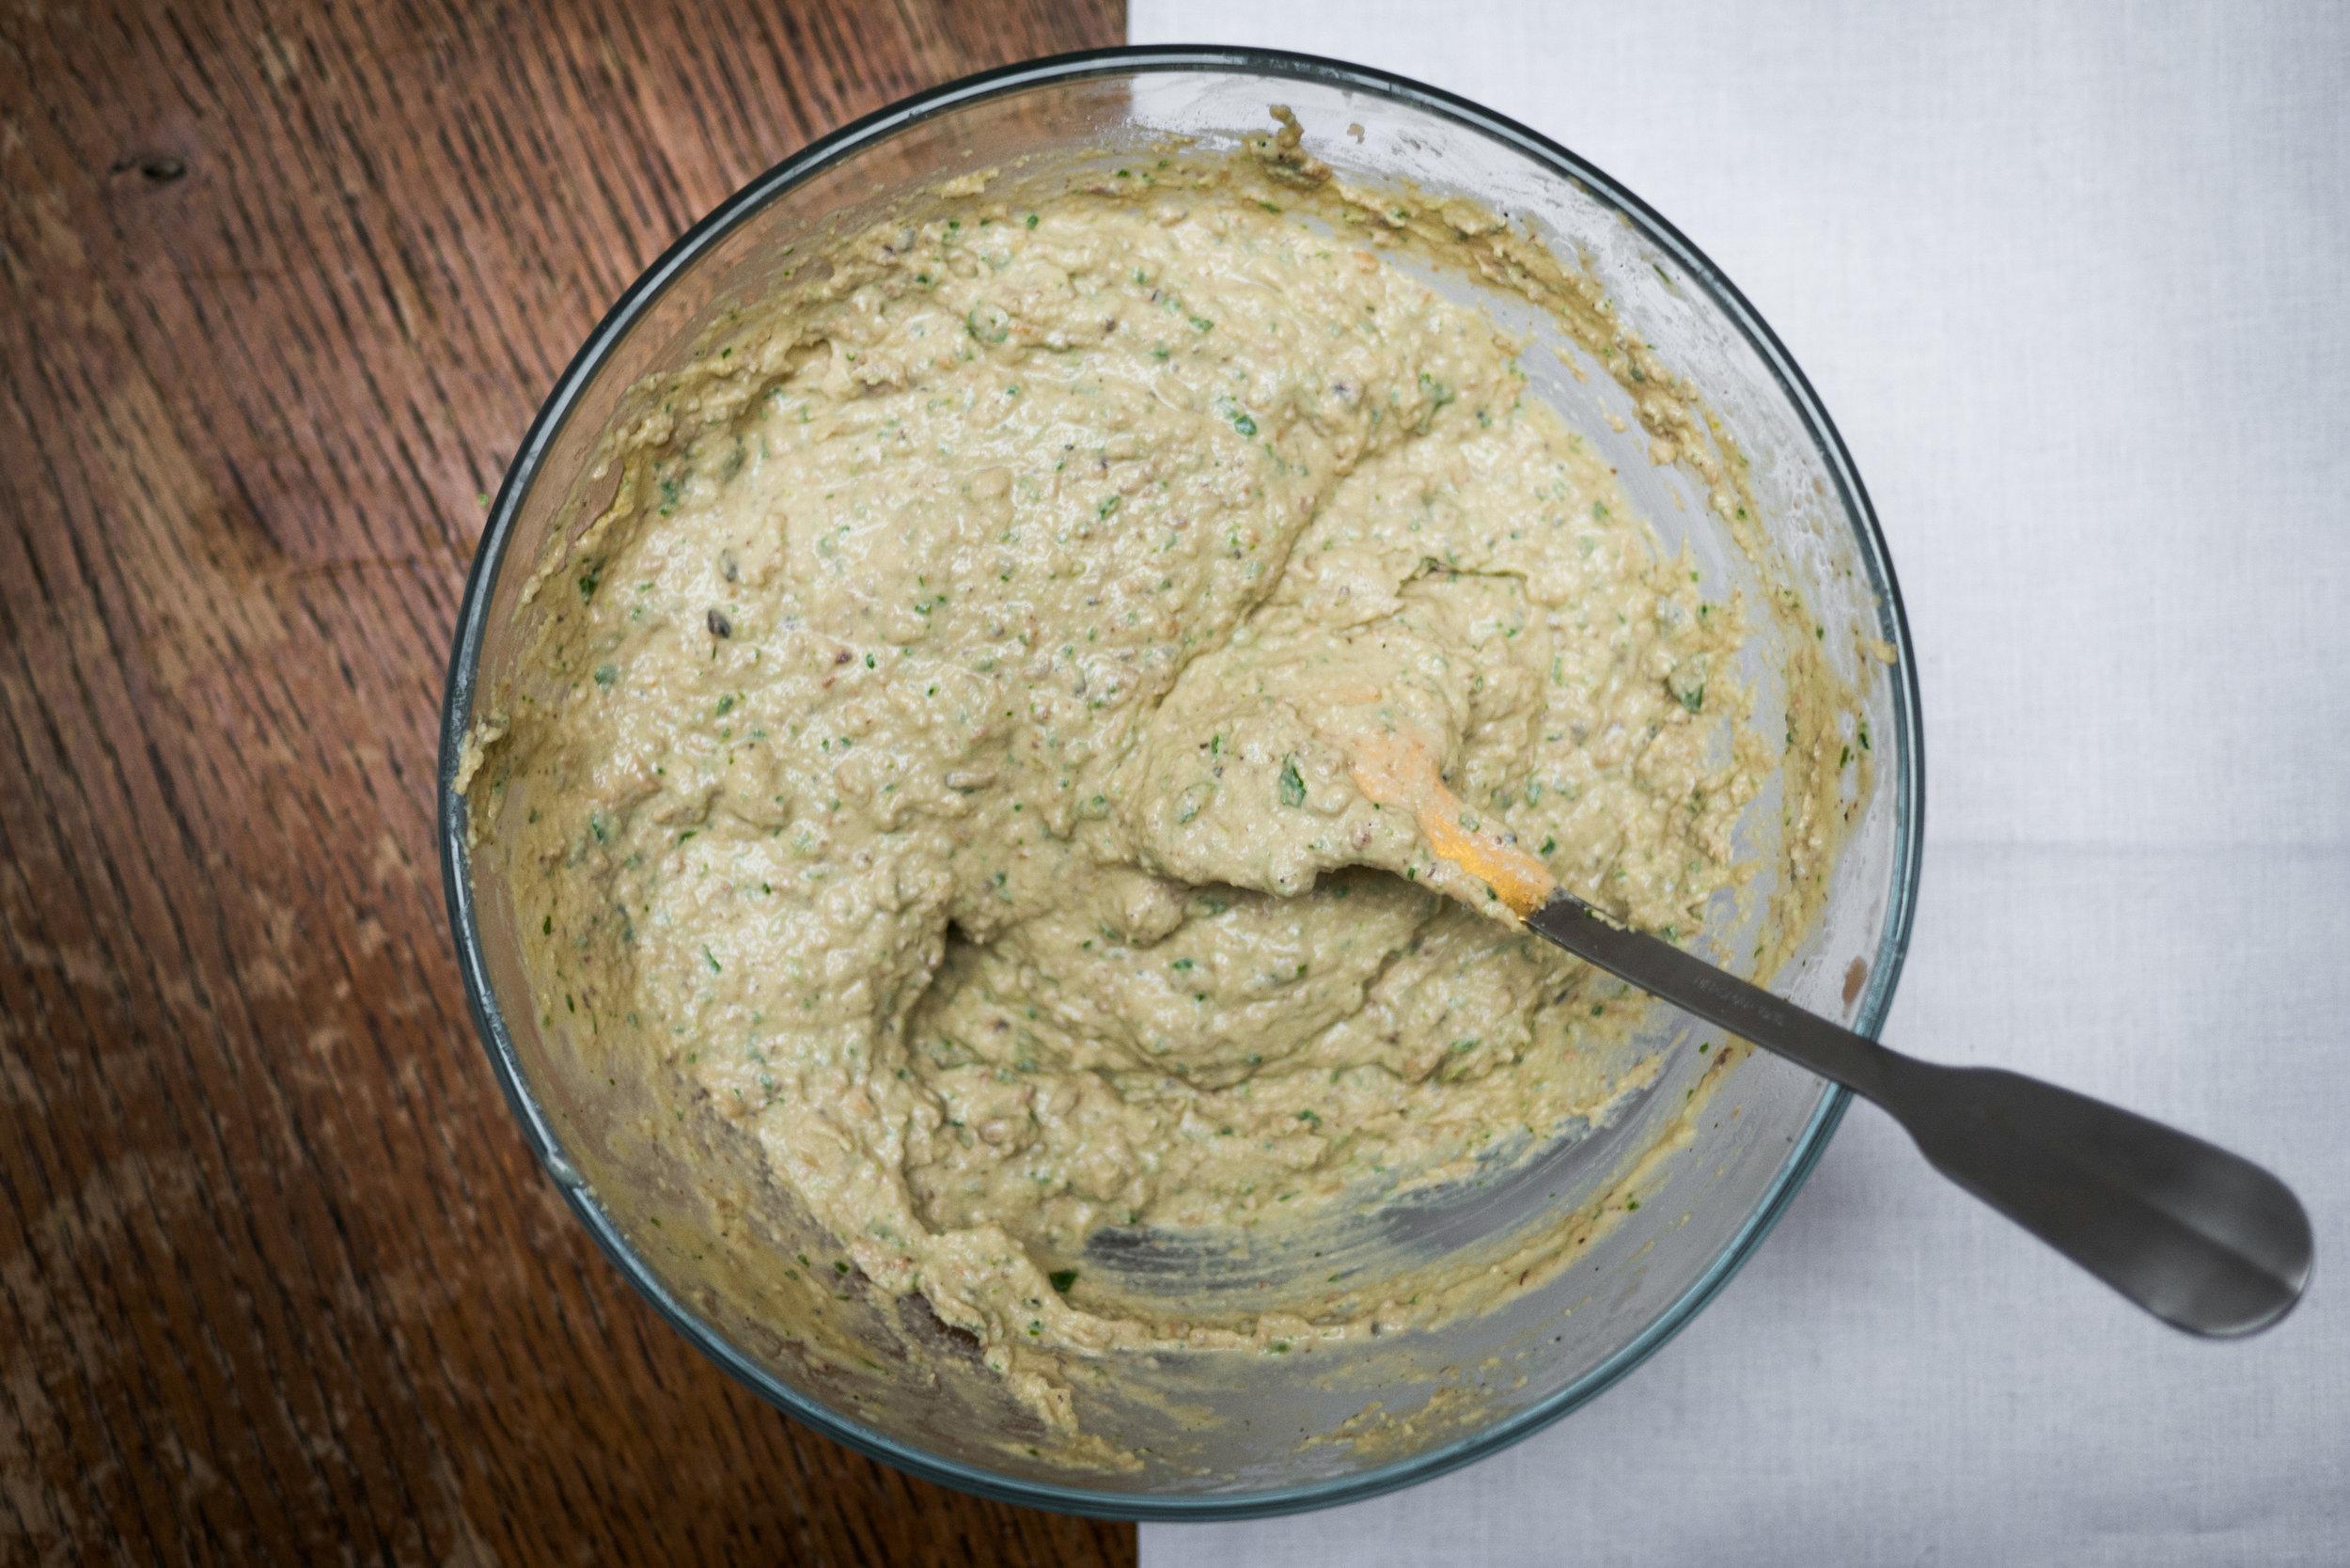 VilmaLuostarinen_Cover_Crop_Cuisine_14.jpg